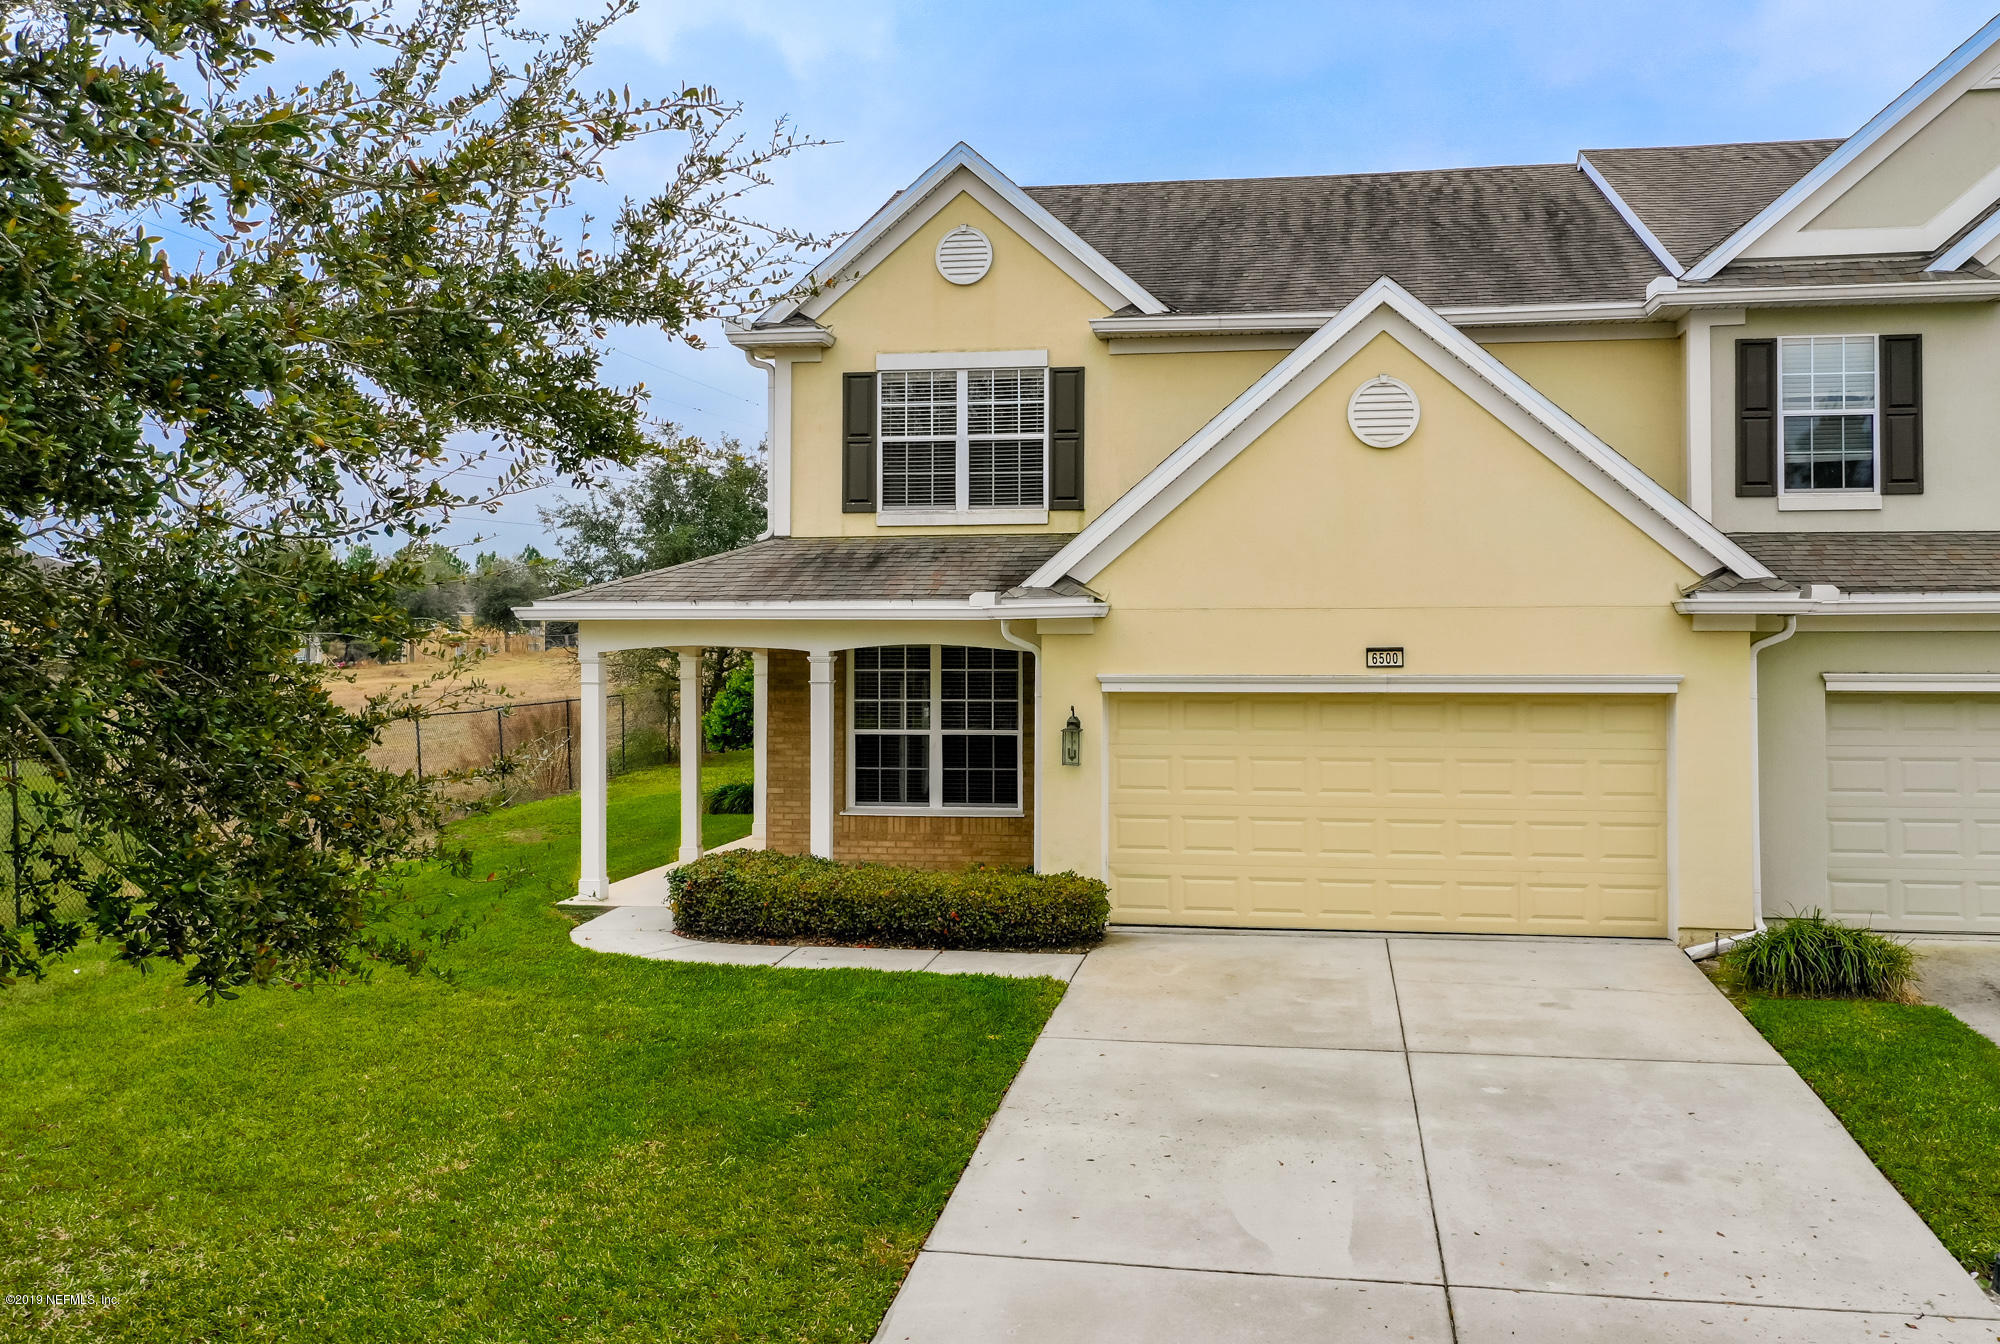 Photo of 6500 WHITE FLOWER, JACKSONVILLE, FL 32258